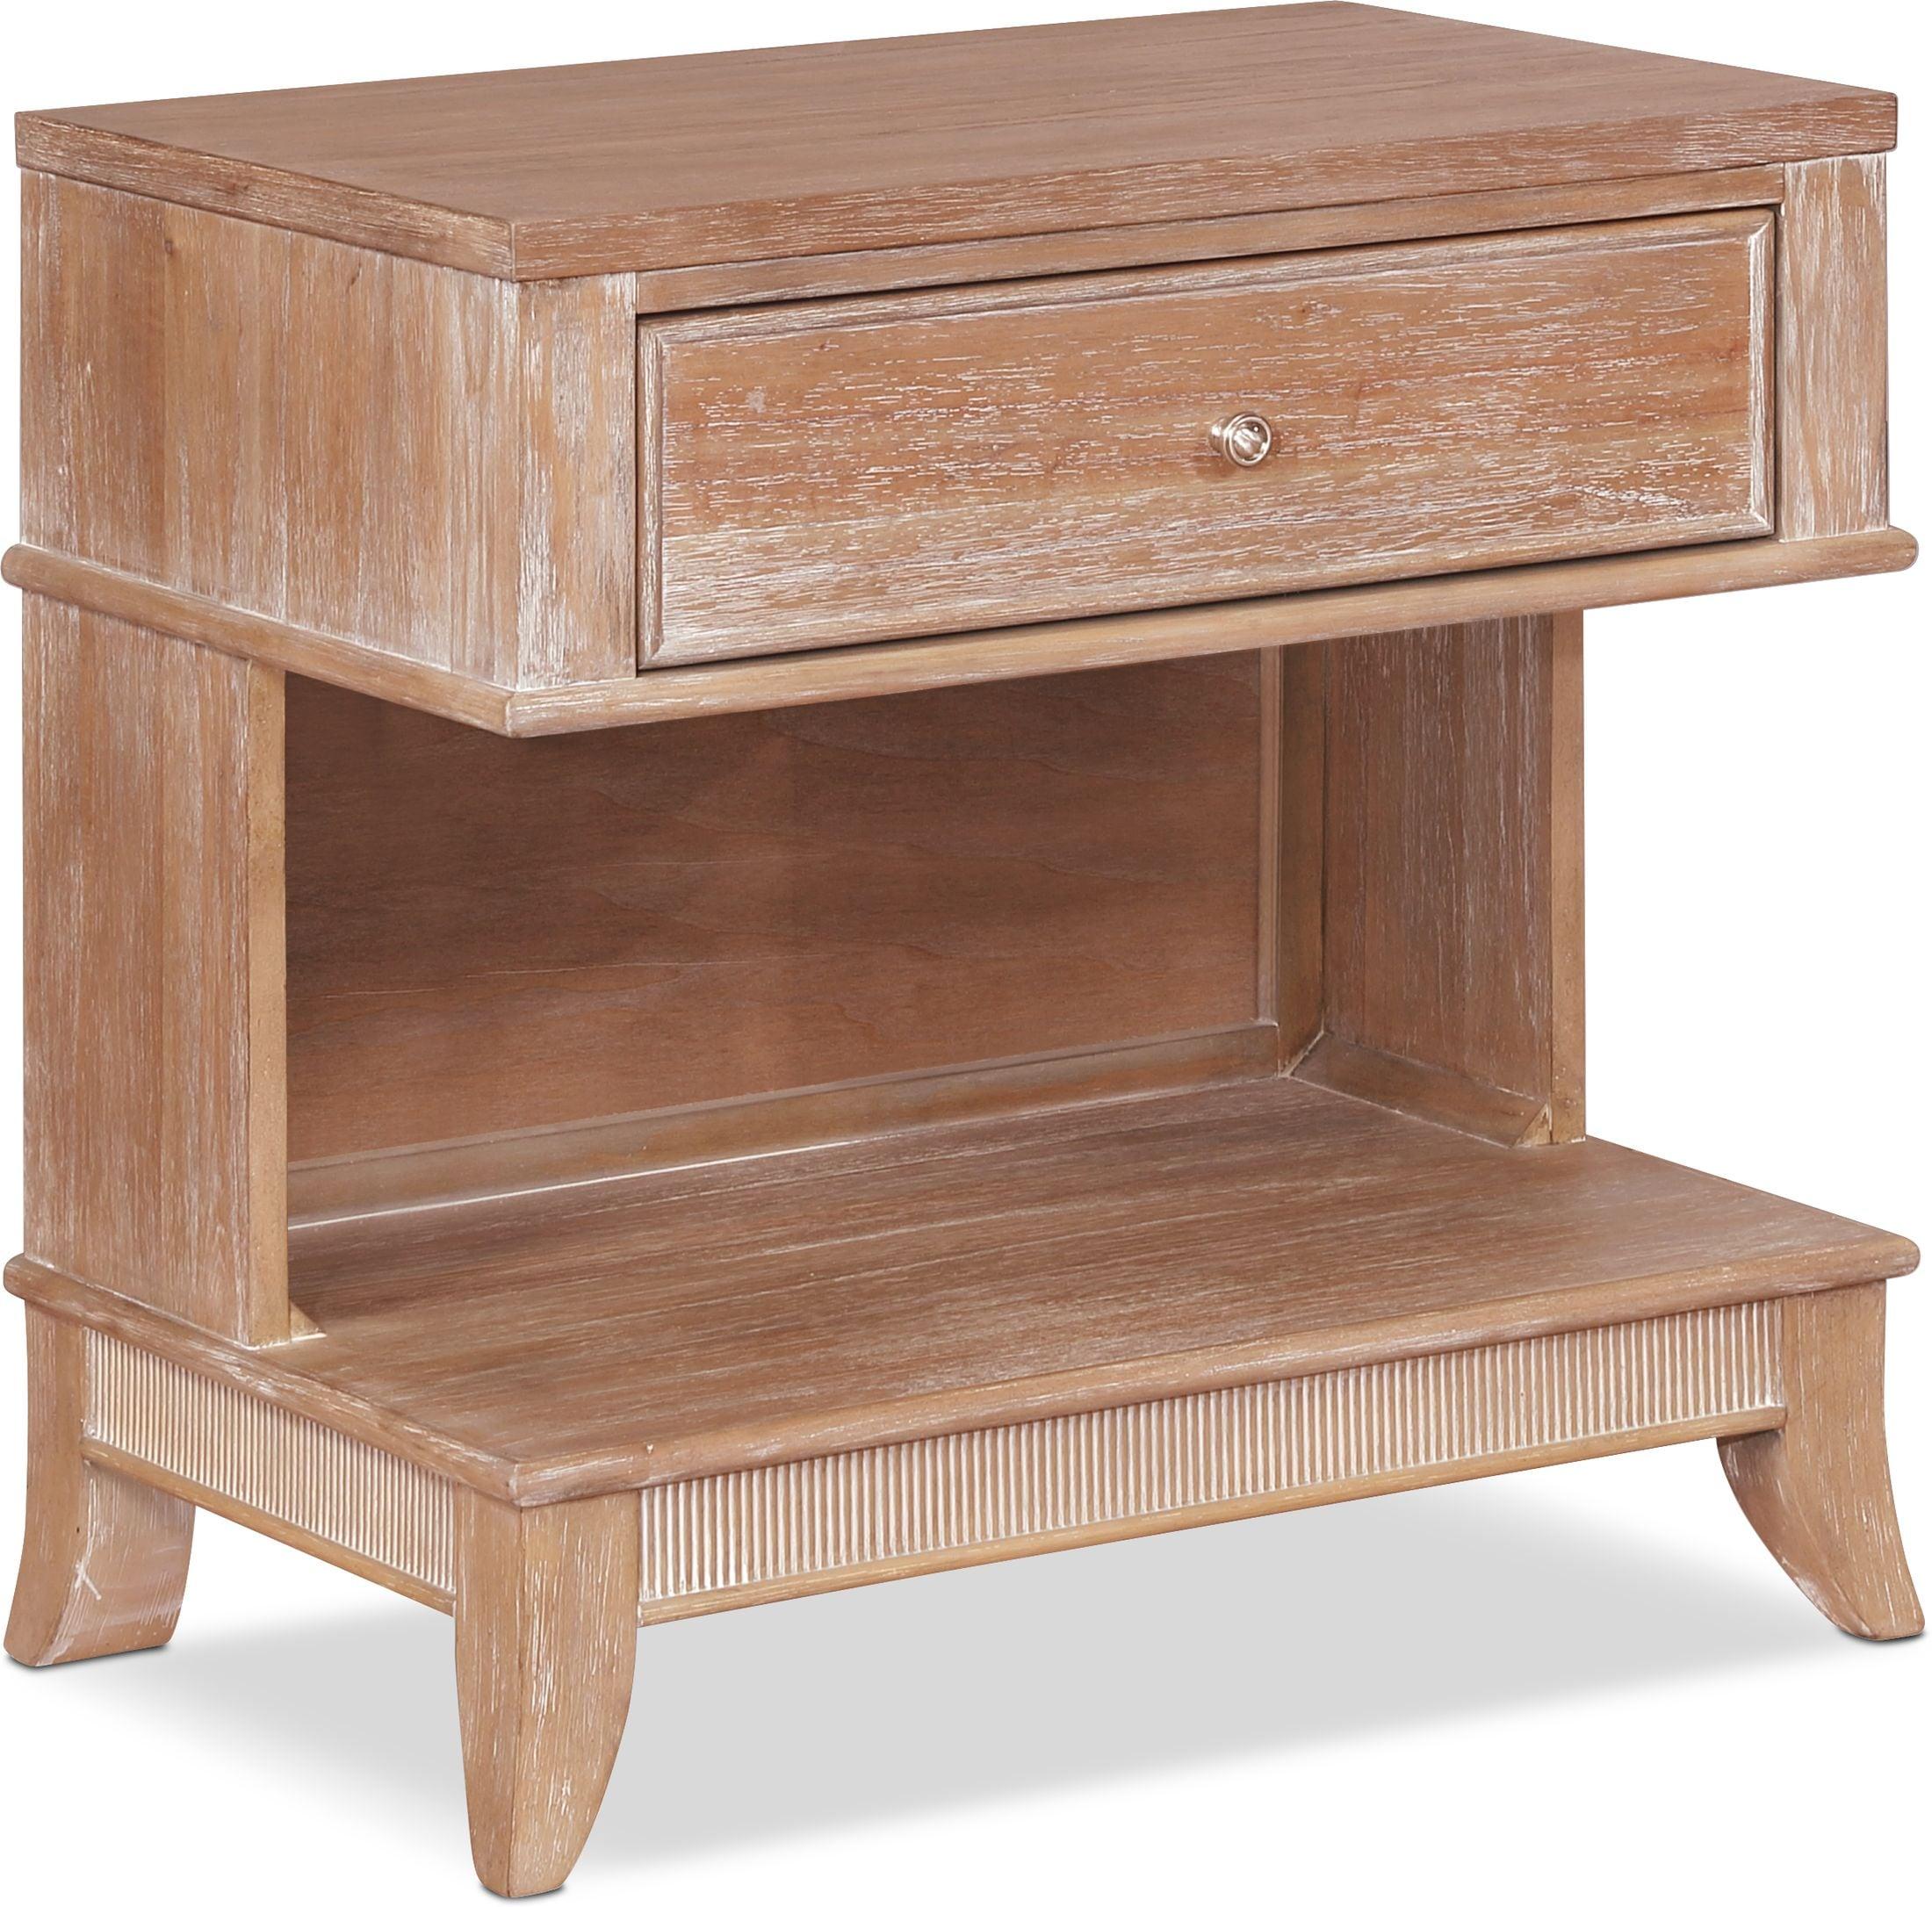 Bedroom Furniture - Hazel 1-Drawer Nightstand